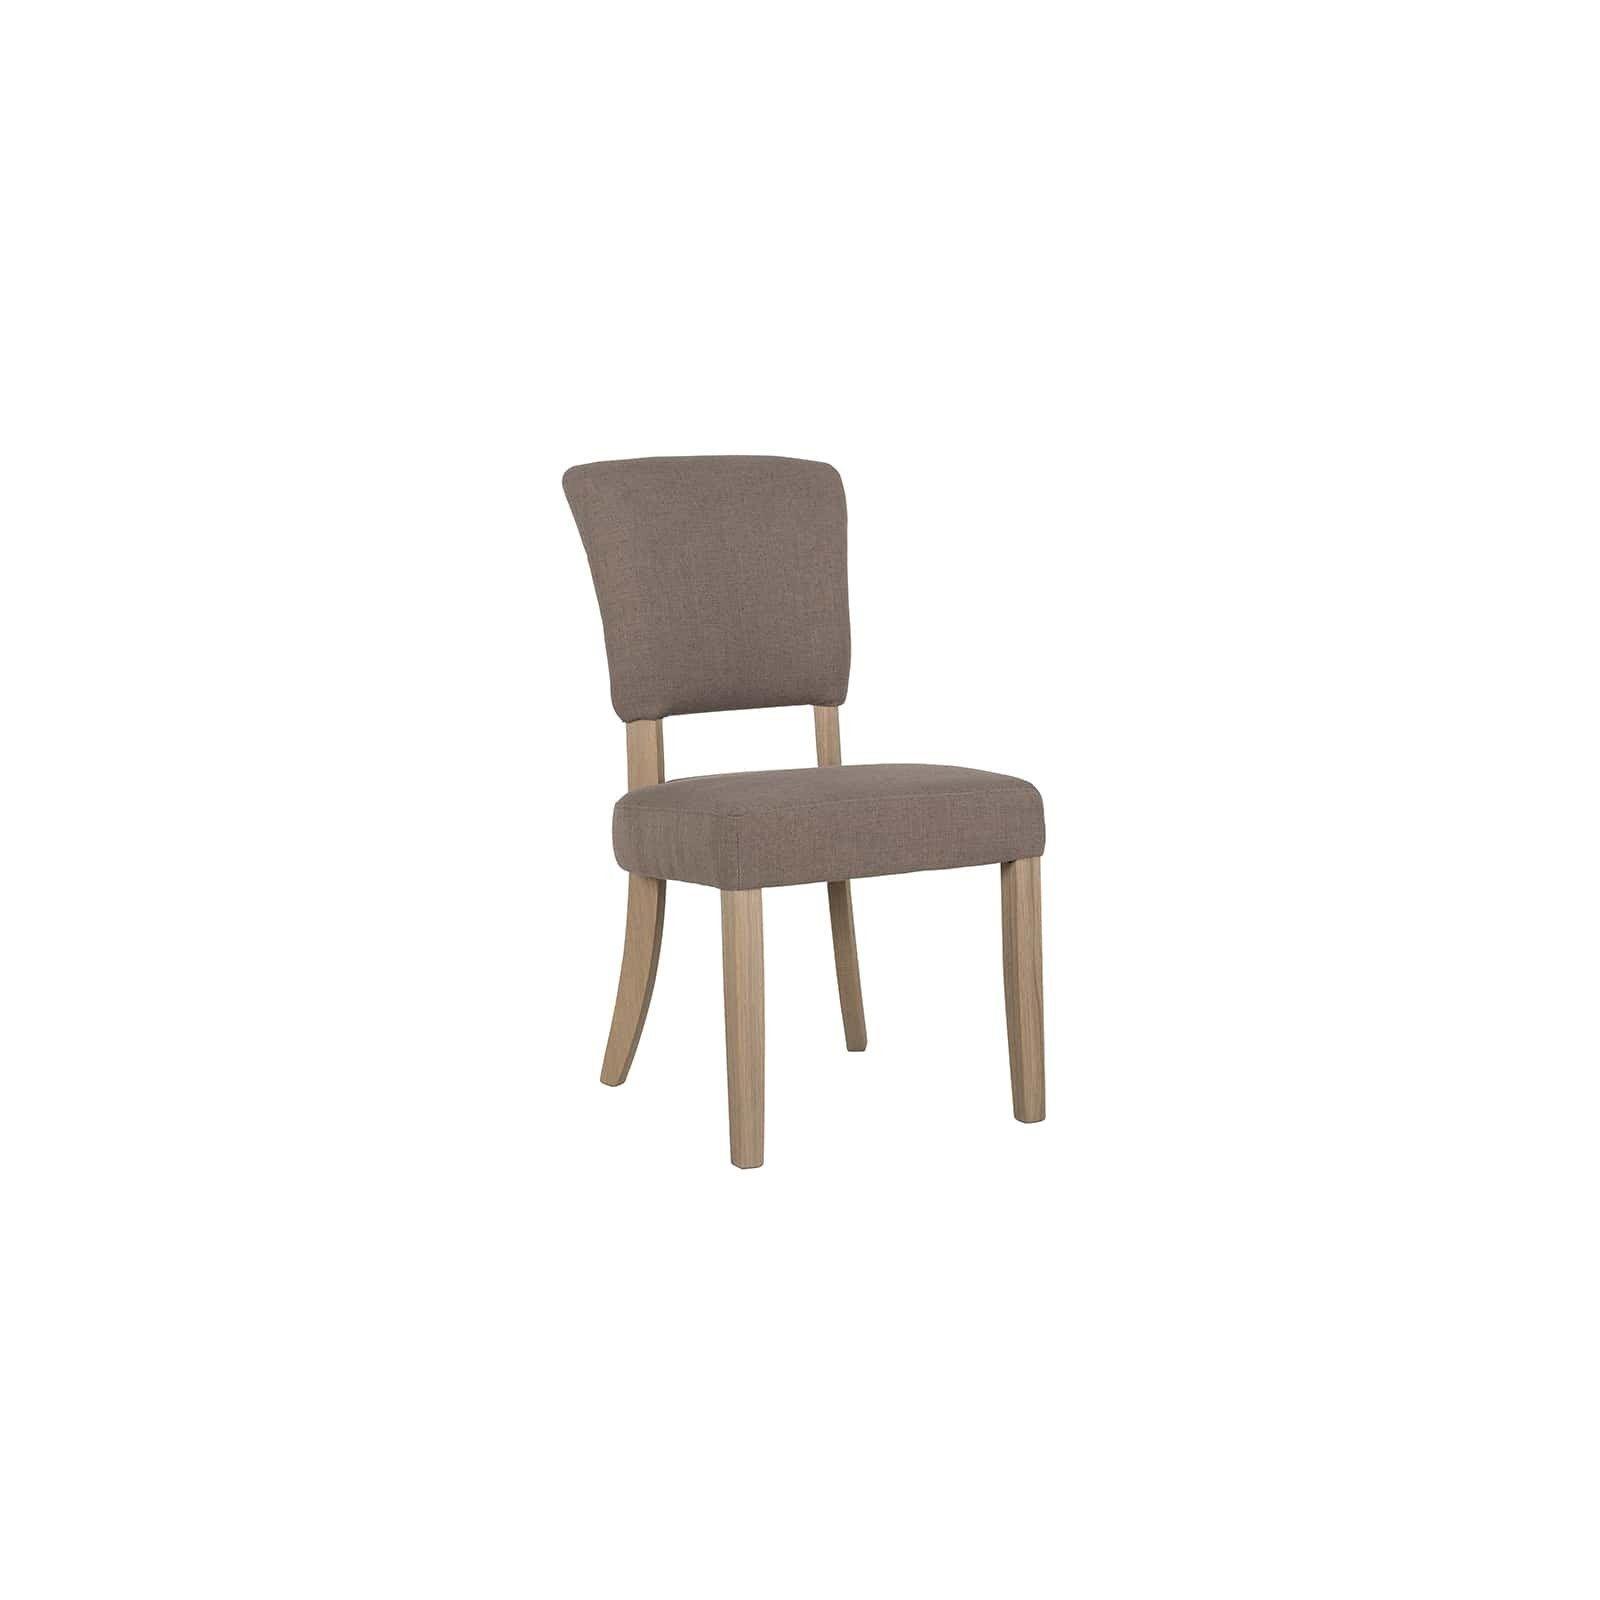 Chaise Roxy avec Bronze nails Salle à manger - 77